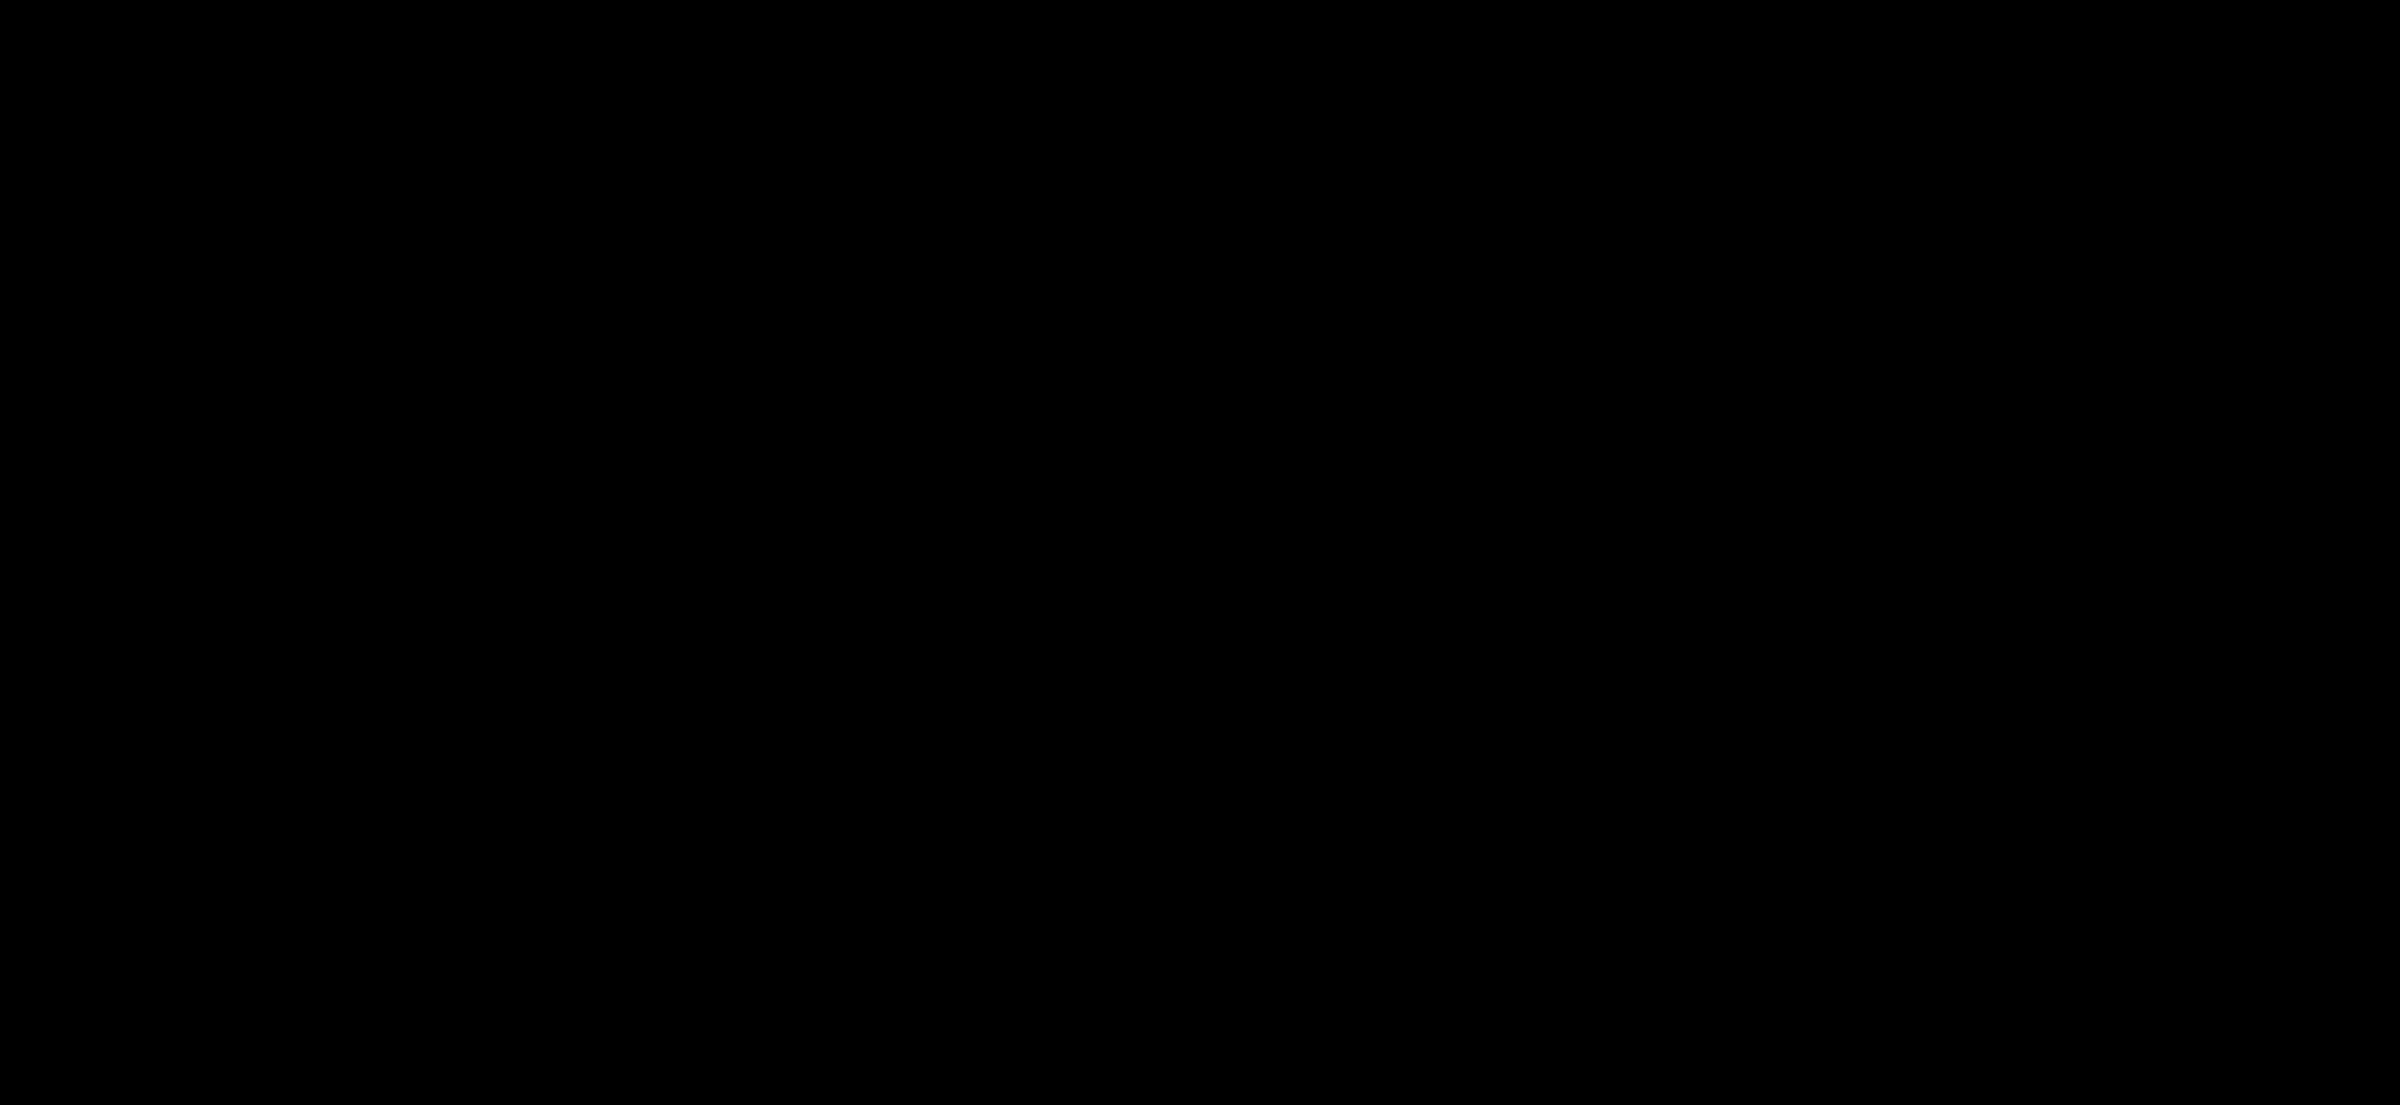 Piano clipart silhouette. Tenor trombone big image